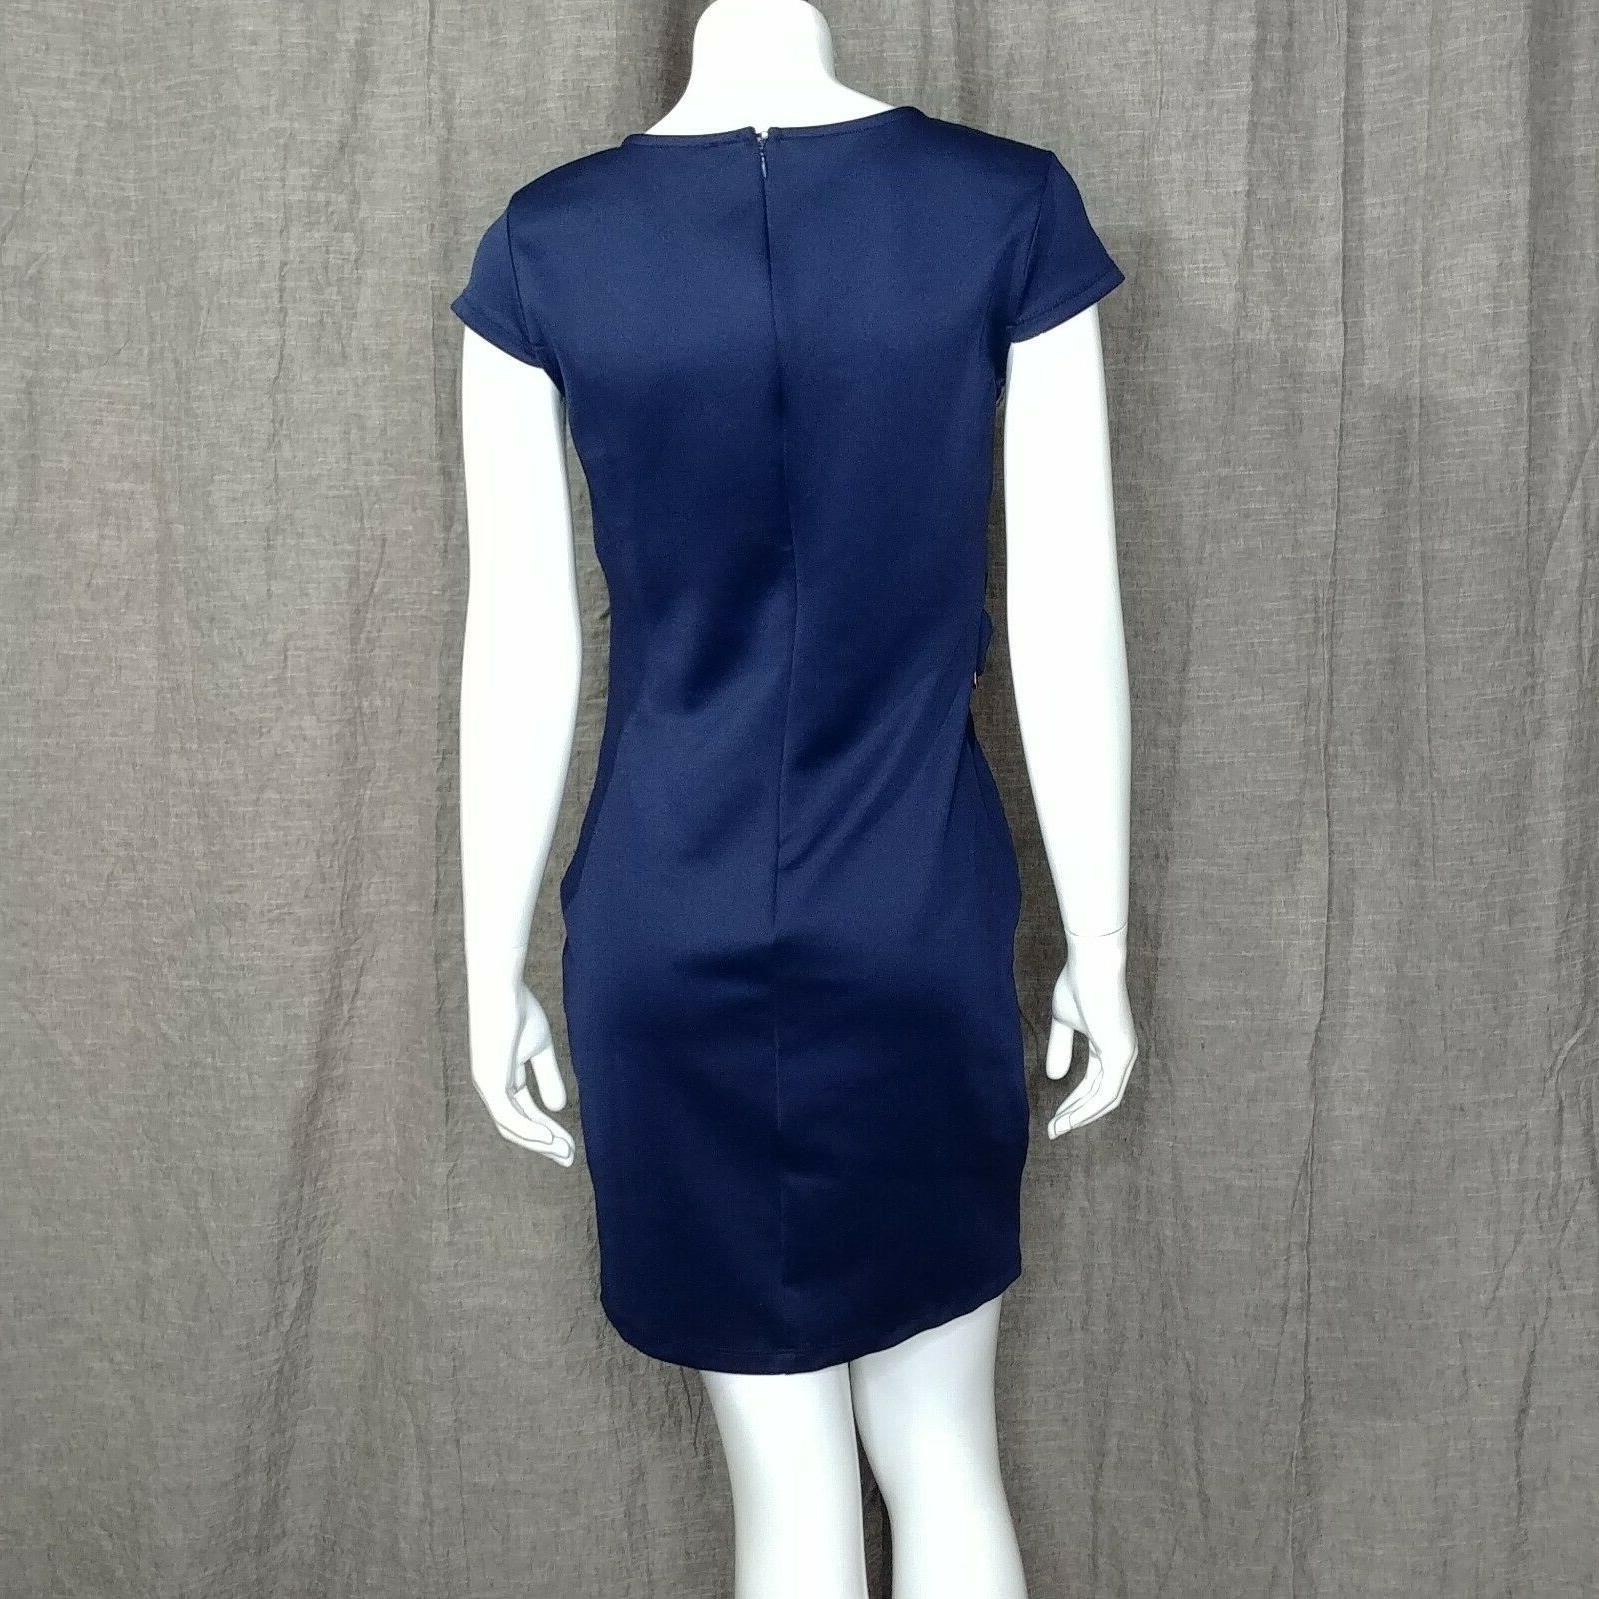 Venus Dress Trim Bodycon Dress Size Navy